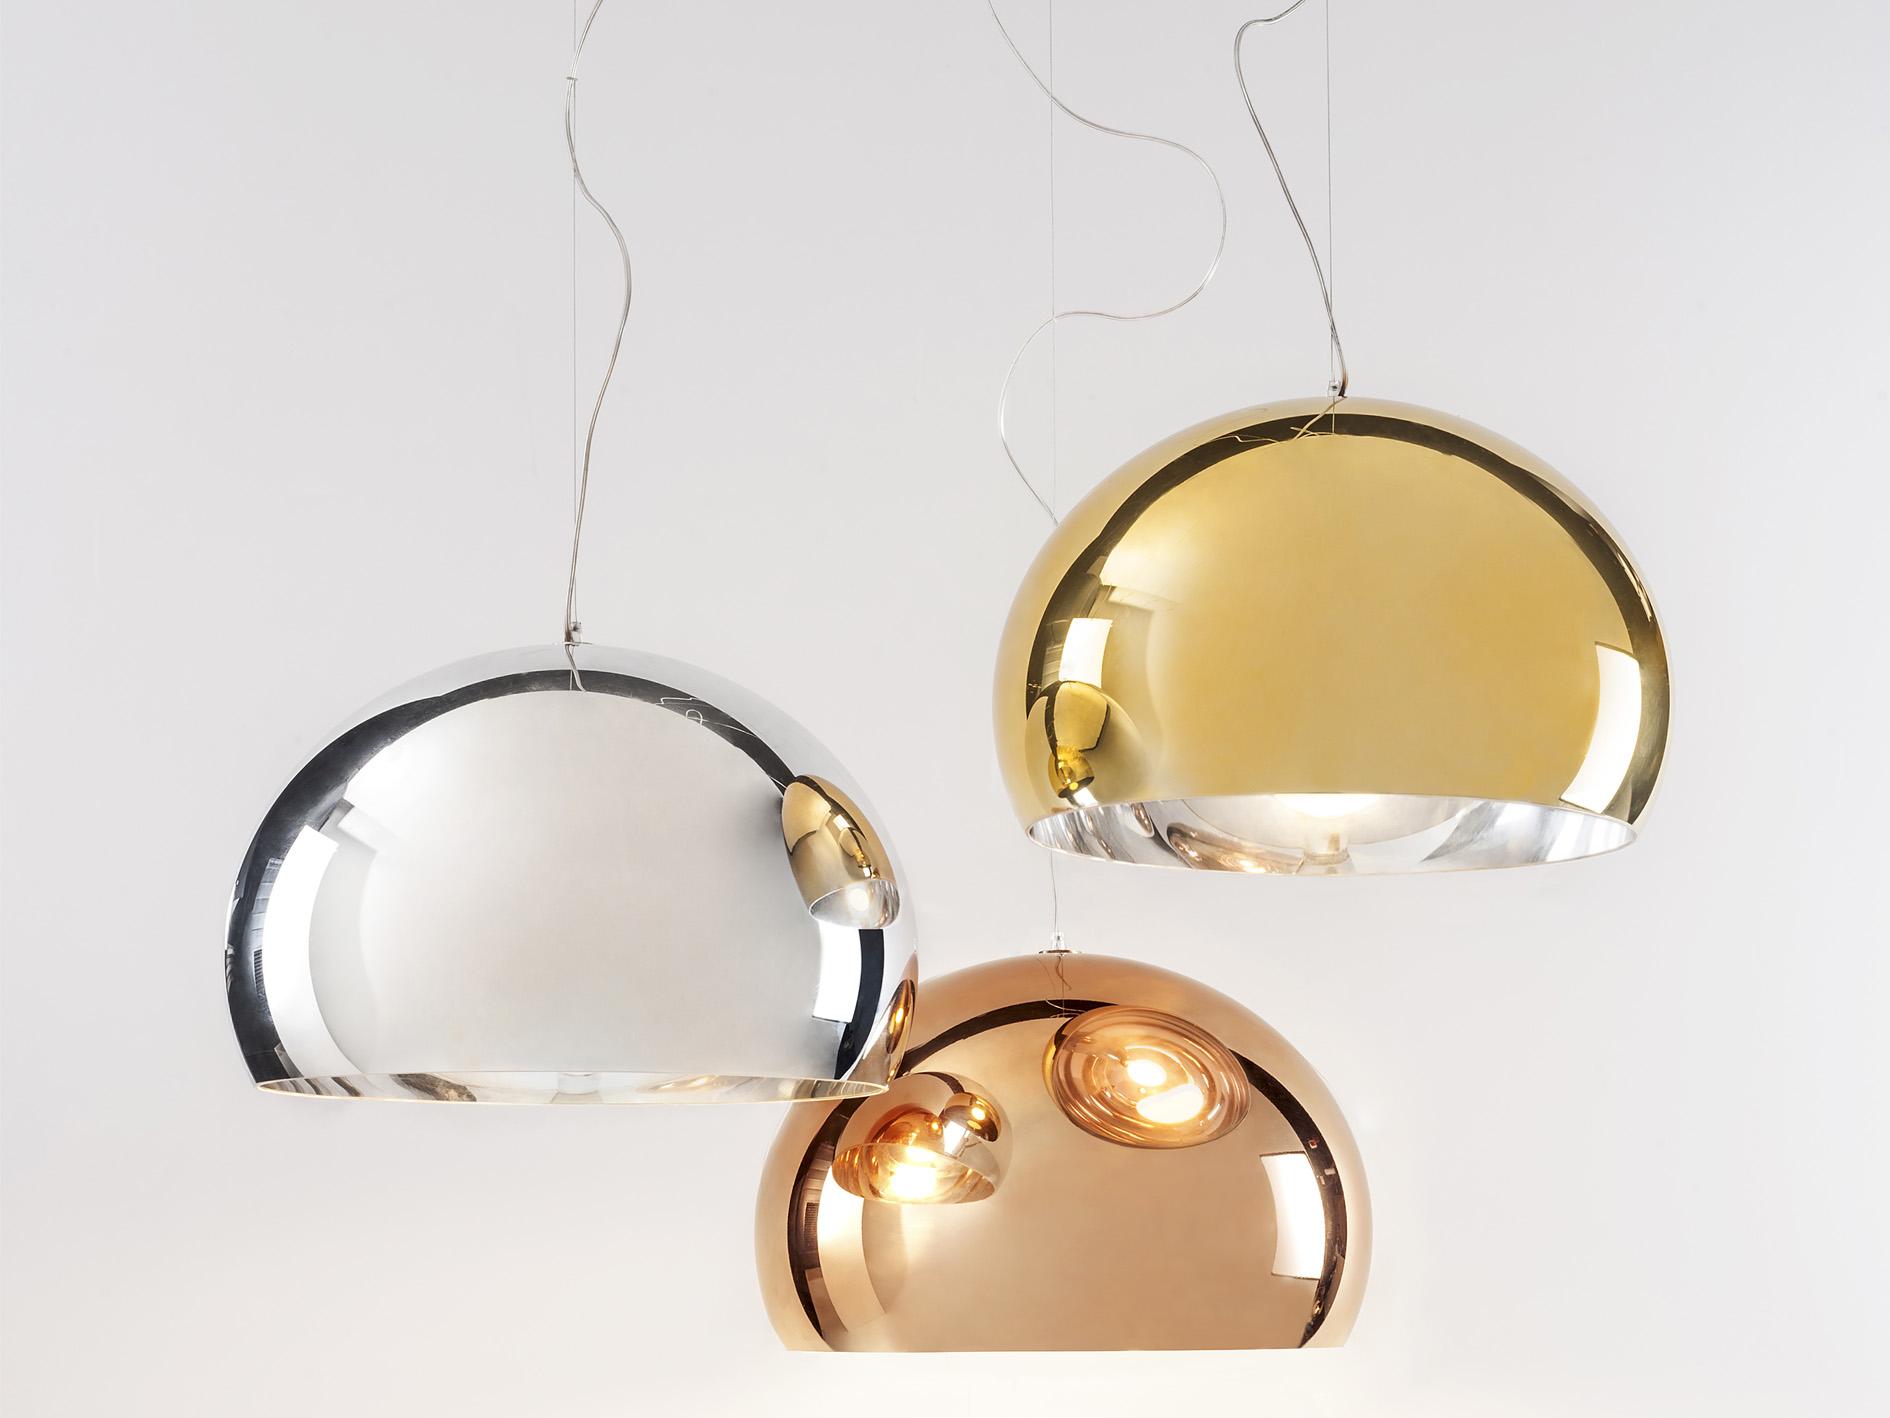 Plafoniere Kartell : ᐅ lampade kartell da terra tavolo e sospensione offerte a prezzi